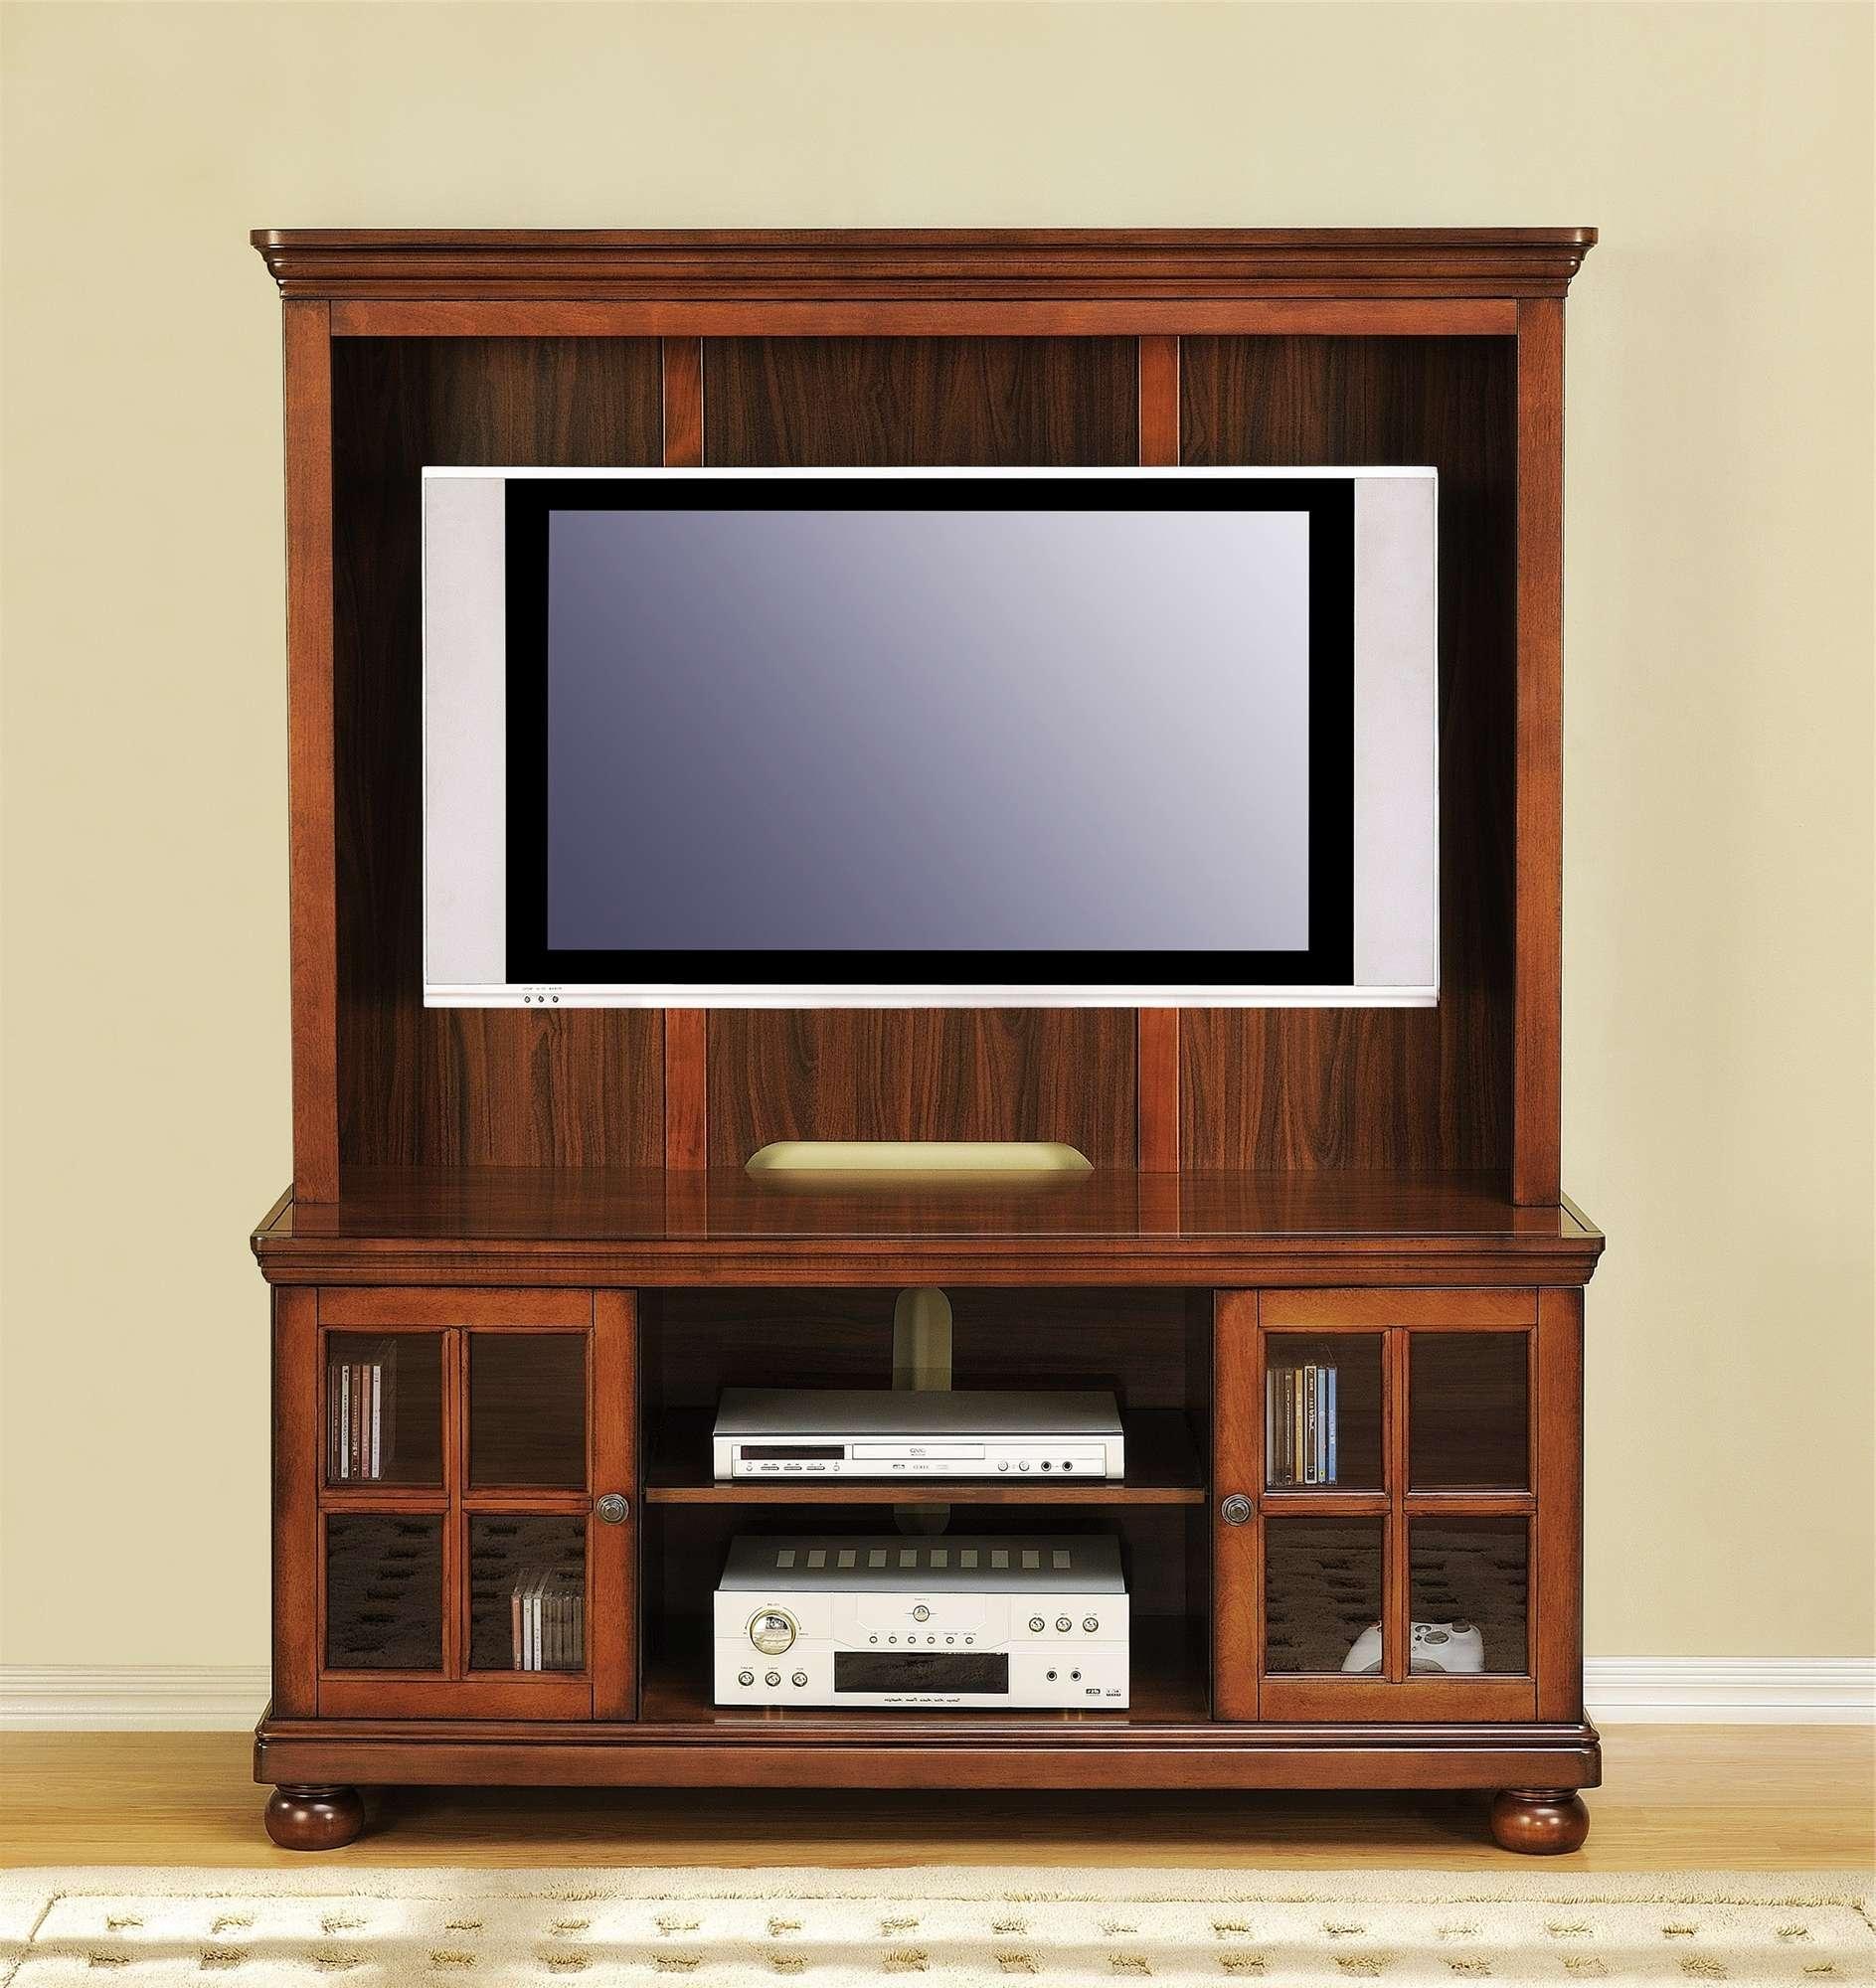 Dark Brown Wooden Tv Cabinet With Door On The Floor Connected Regarding Wooden Tv Stands With Doors (View 4 of 15)